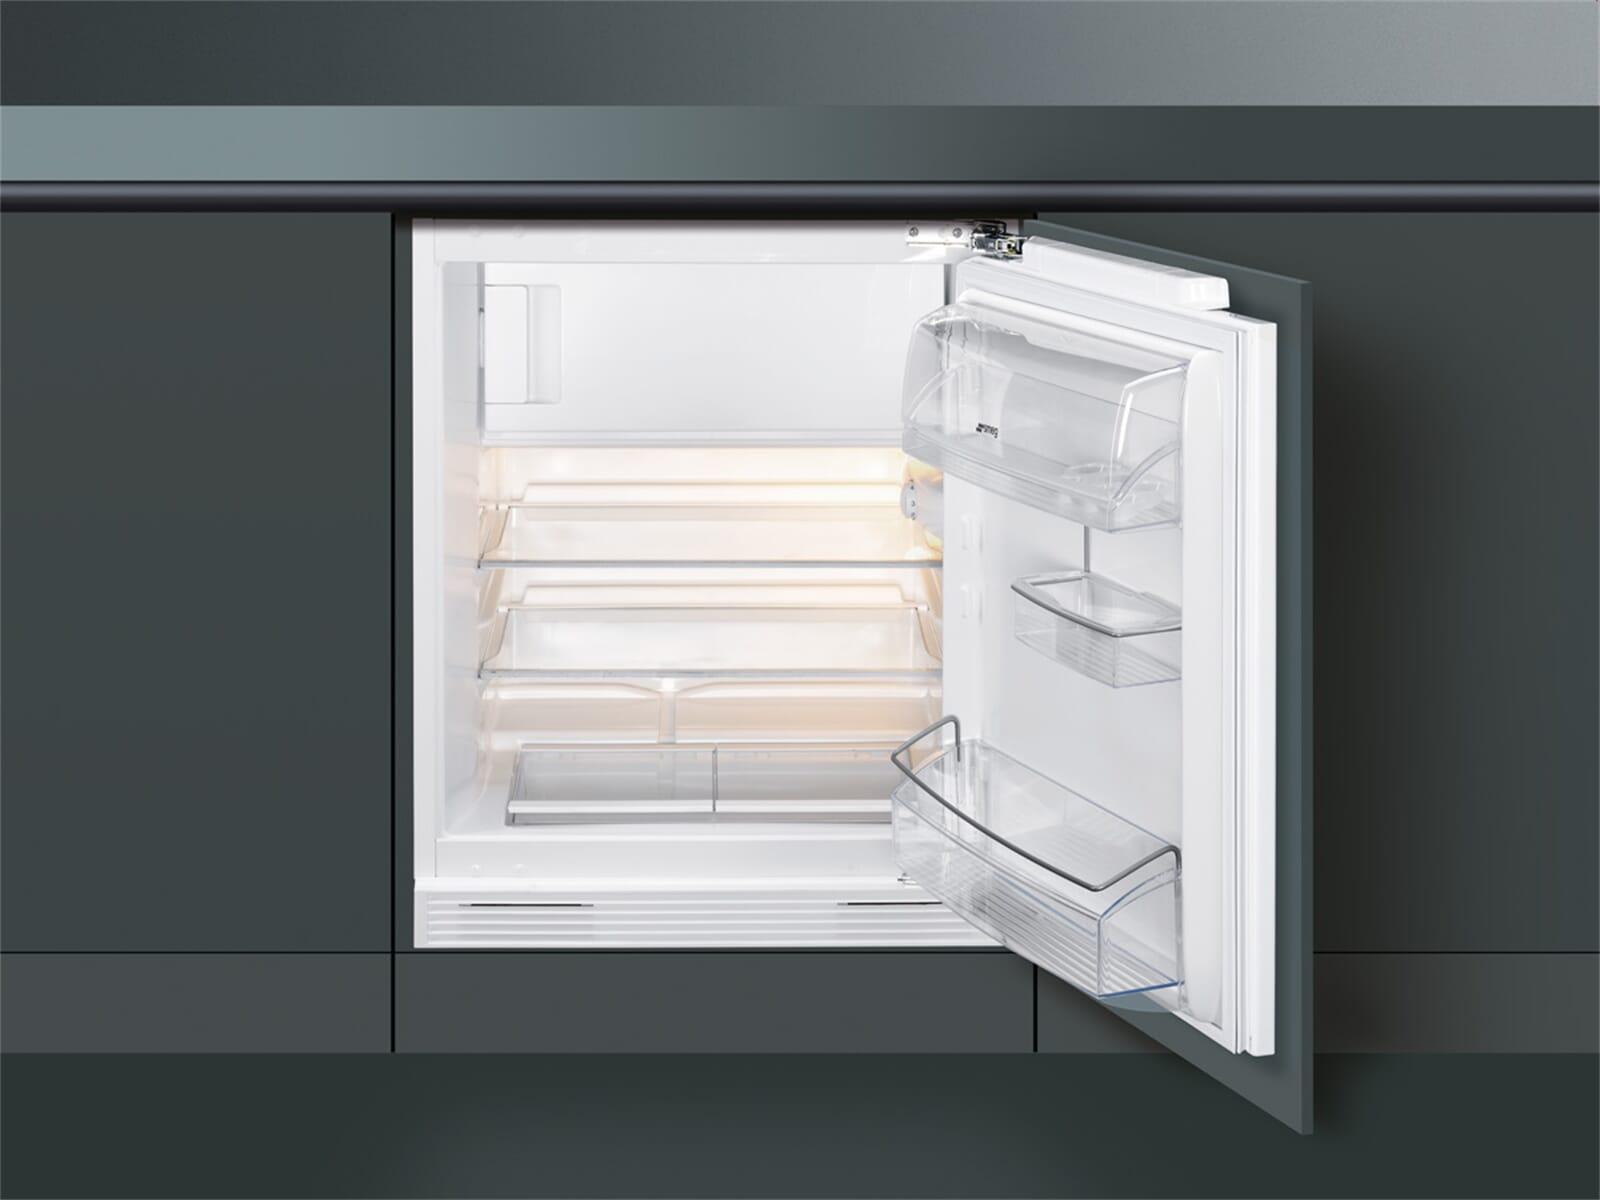 Smeg Kühlschrank Ohne Gefrierfach : Smeg ud csp unterbaukühlschrank